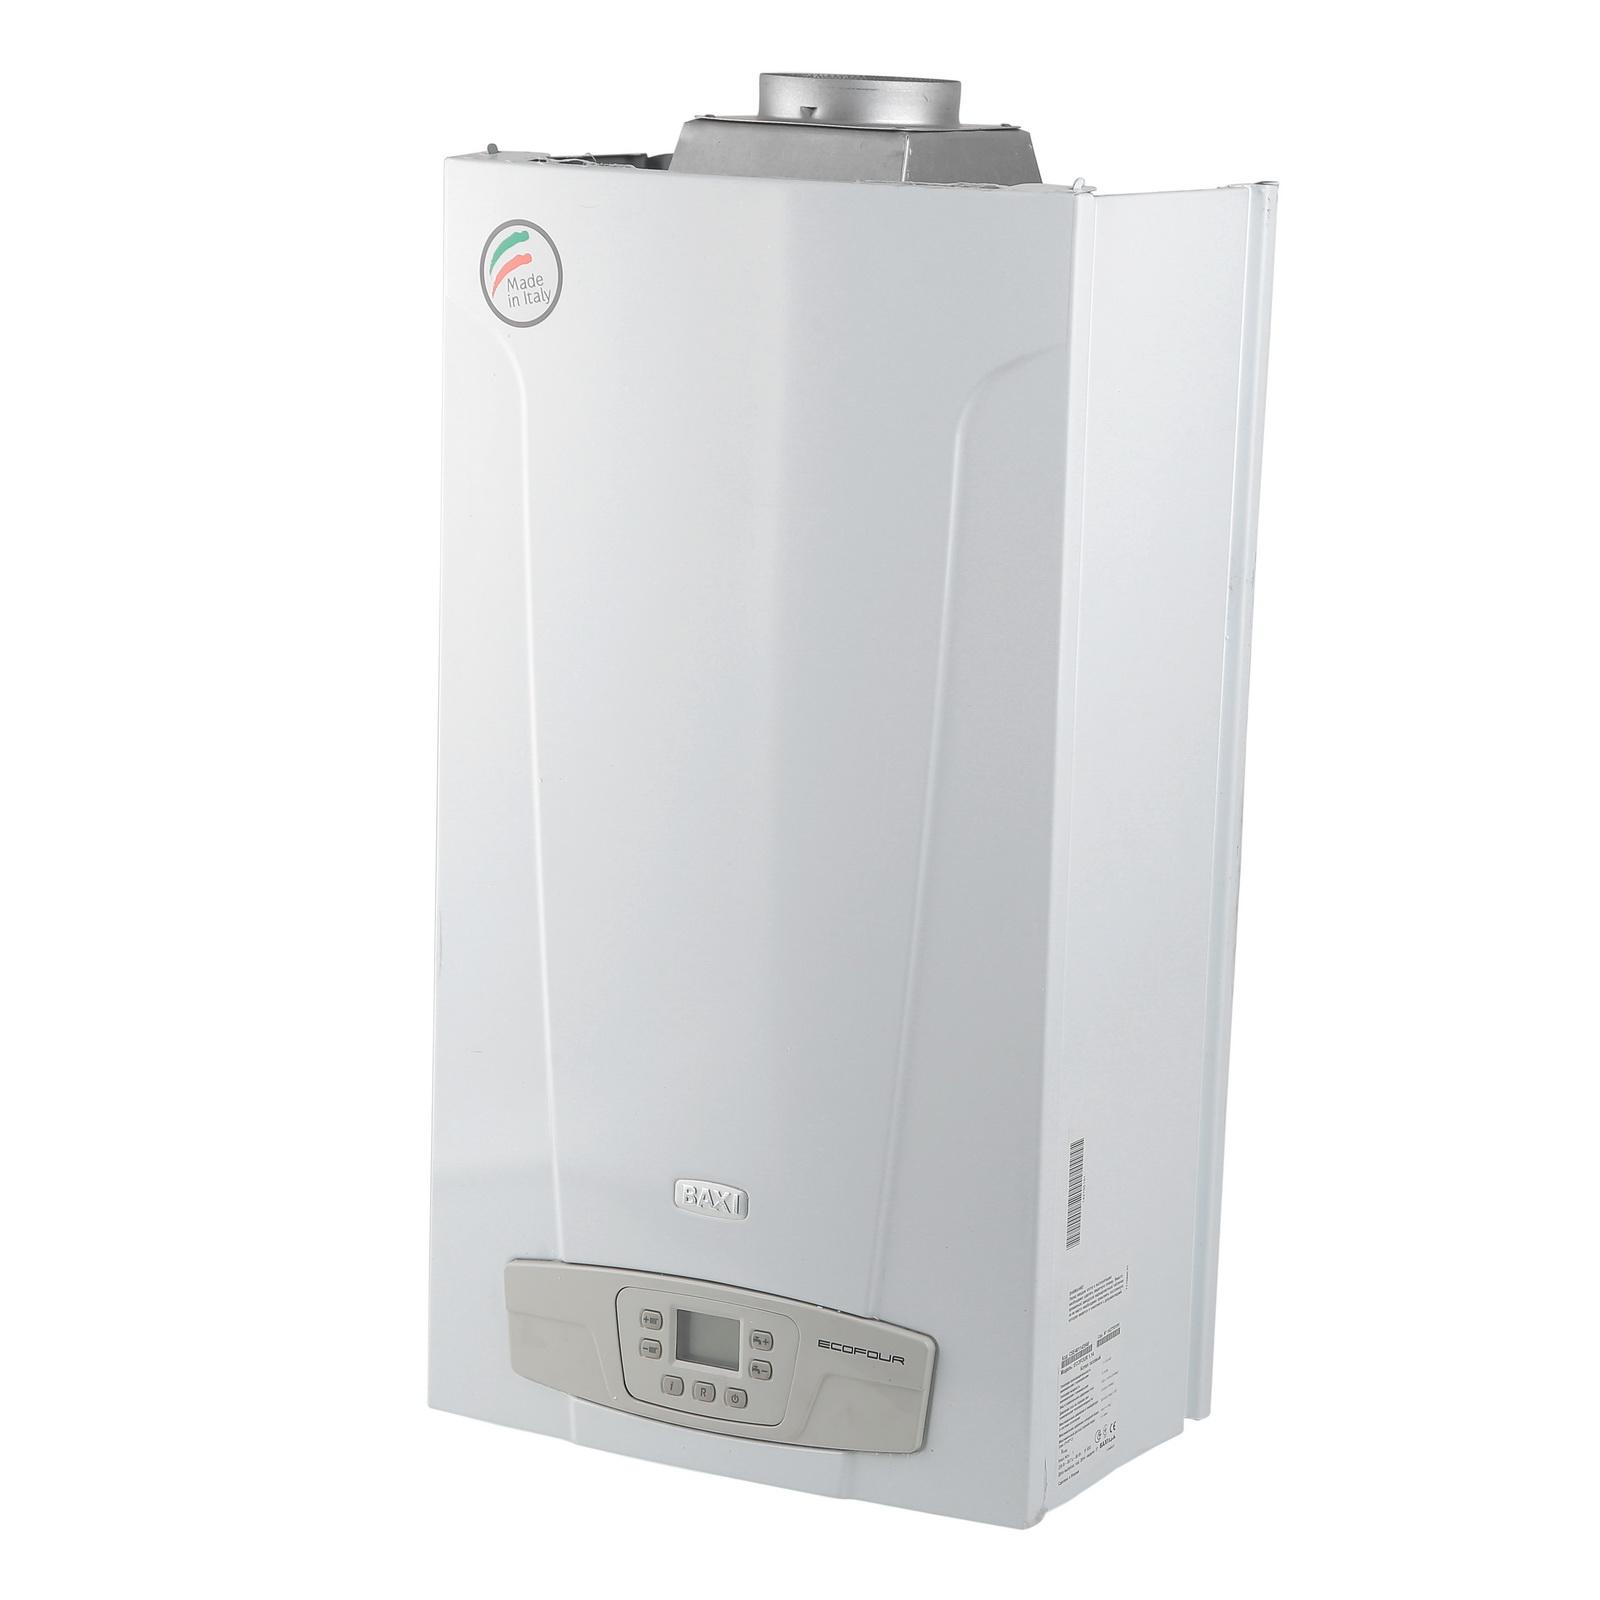 Одноконтурный настенный газовый котел BaxiГазовые котлы<br>Мощность: 14000,<br>Производительность водонагревателя: 12,<br>Тип: котел,<br>Тип установки: настенный,<br>Количество контуров: 1,<br>Температура: 60,<br>Площадь обогрева: 140,<br>Дымоход: нет,<br>Автоматический поджиг: есть,<br>Материал теплообменника: нерж.сталь,<br>Родина бренда: Италия,<br>Размеры: 730 х 400 х 299<br>